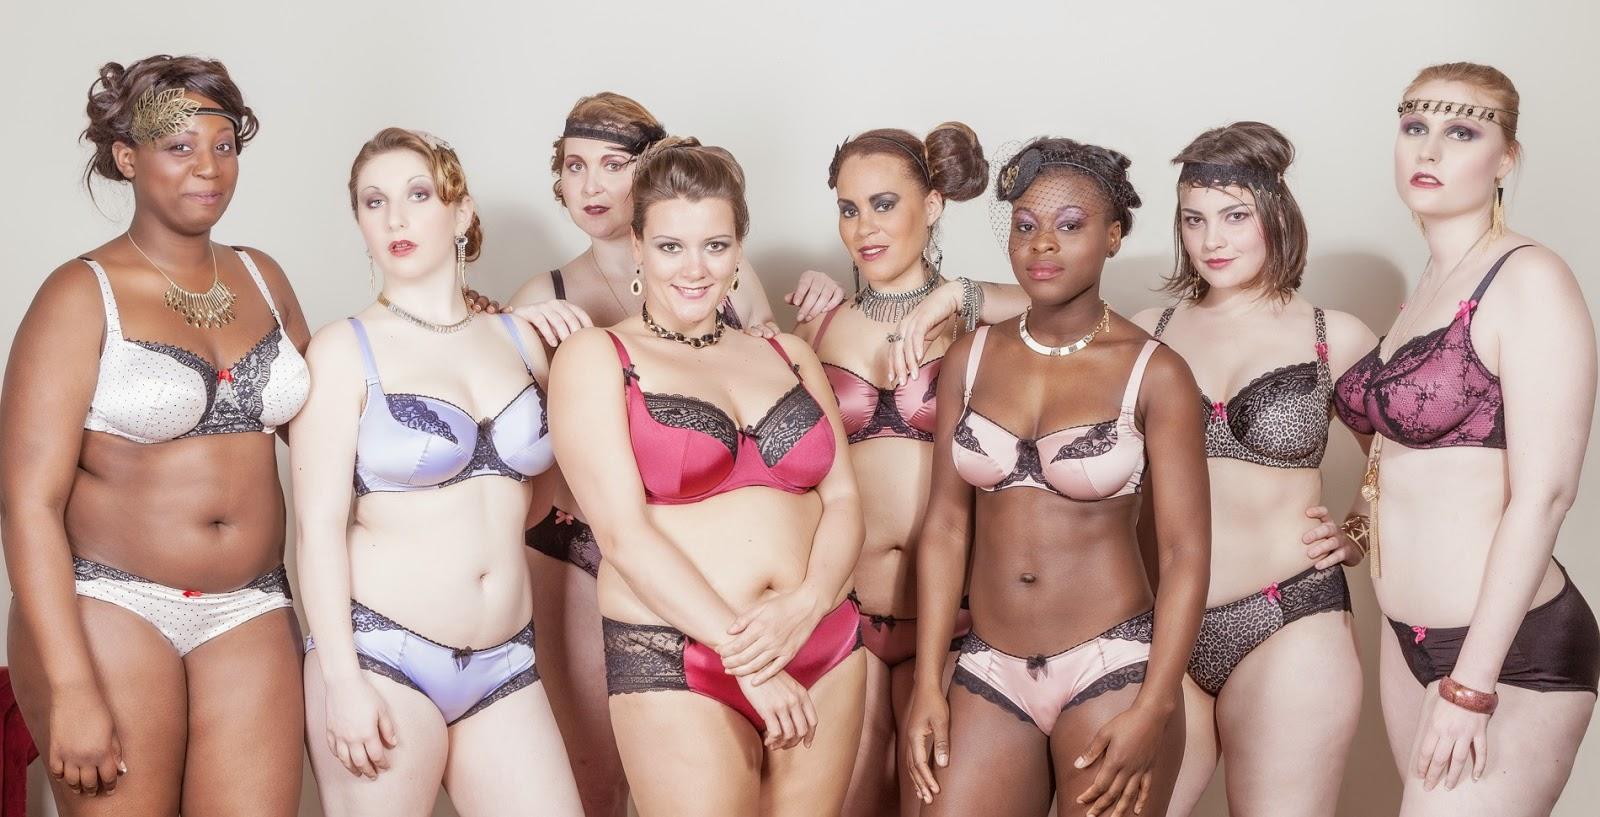 f0104c400   La Belle Affranchie   de la Lingerie Moderne et Tendance pour Toutes les  Femmes !! Real Lingerie for Real Women !